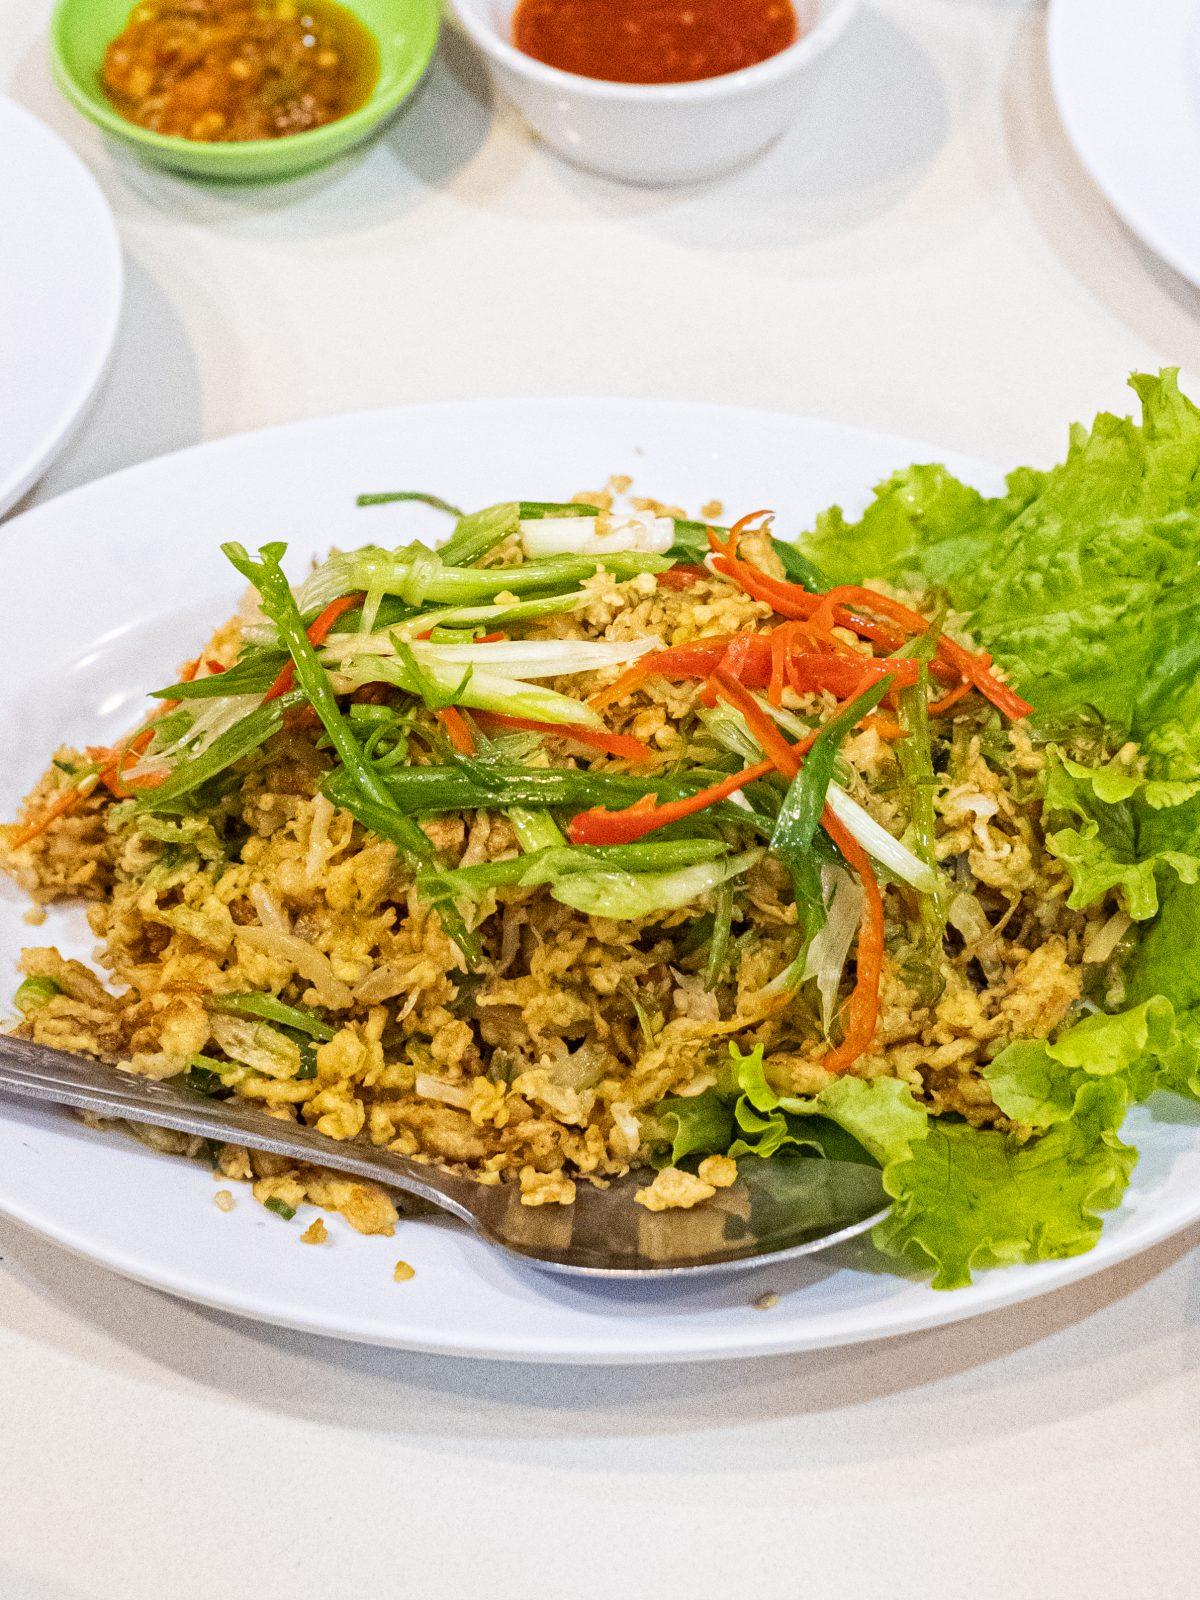 Renovasi RM AdoeA Seafood Restaurant yang Mengejutkan di awal tahun 2020. 29